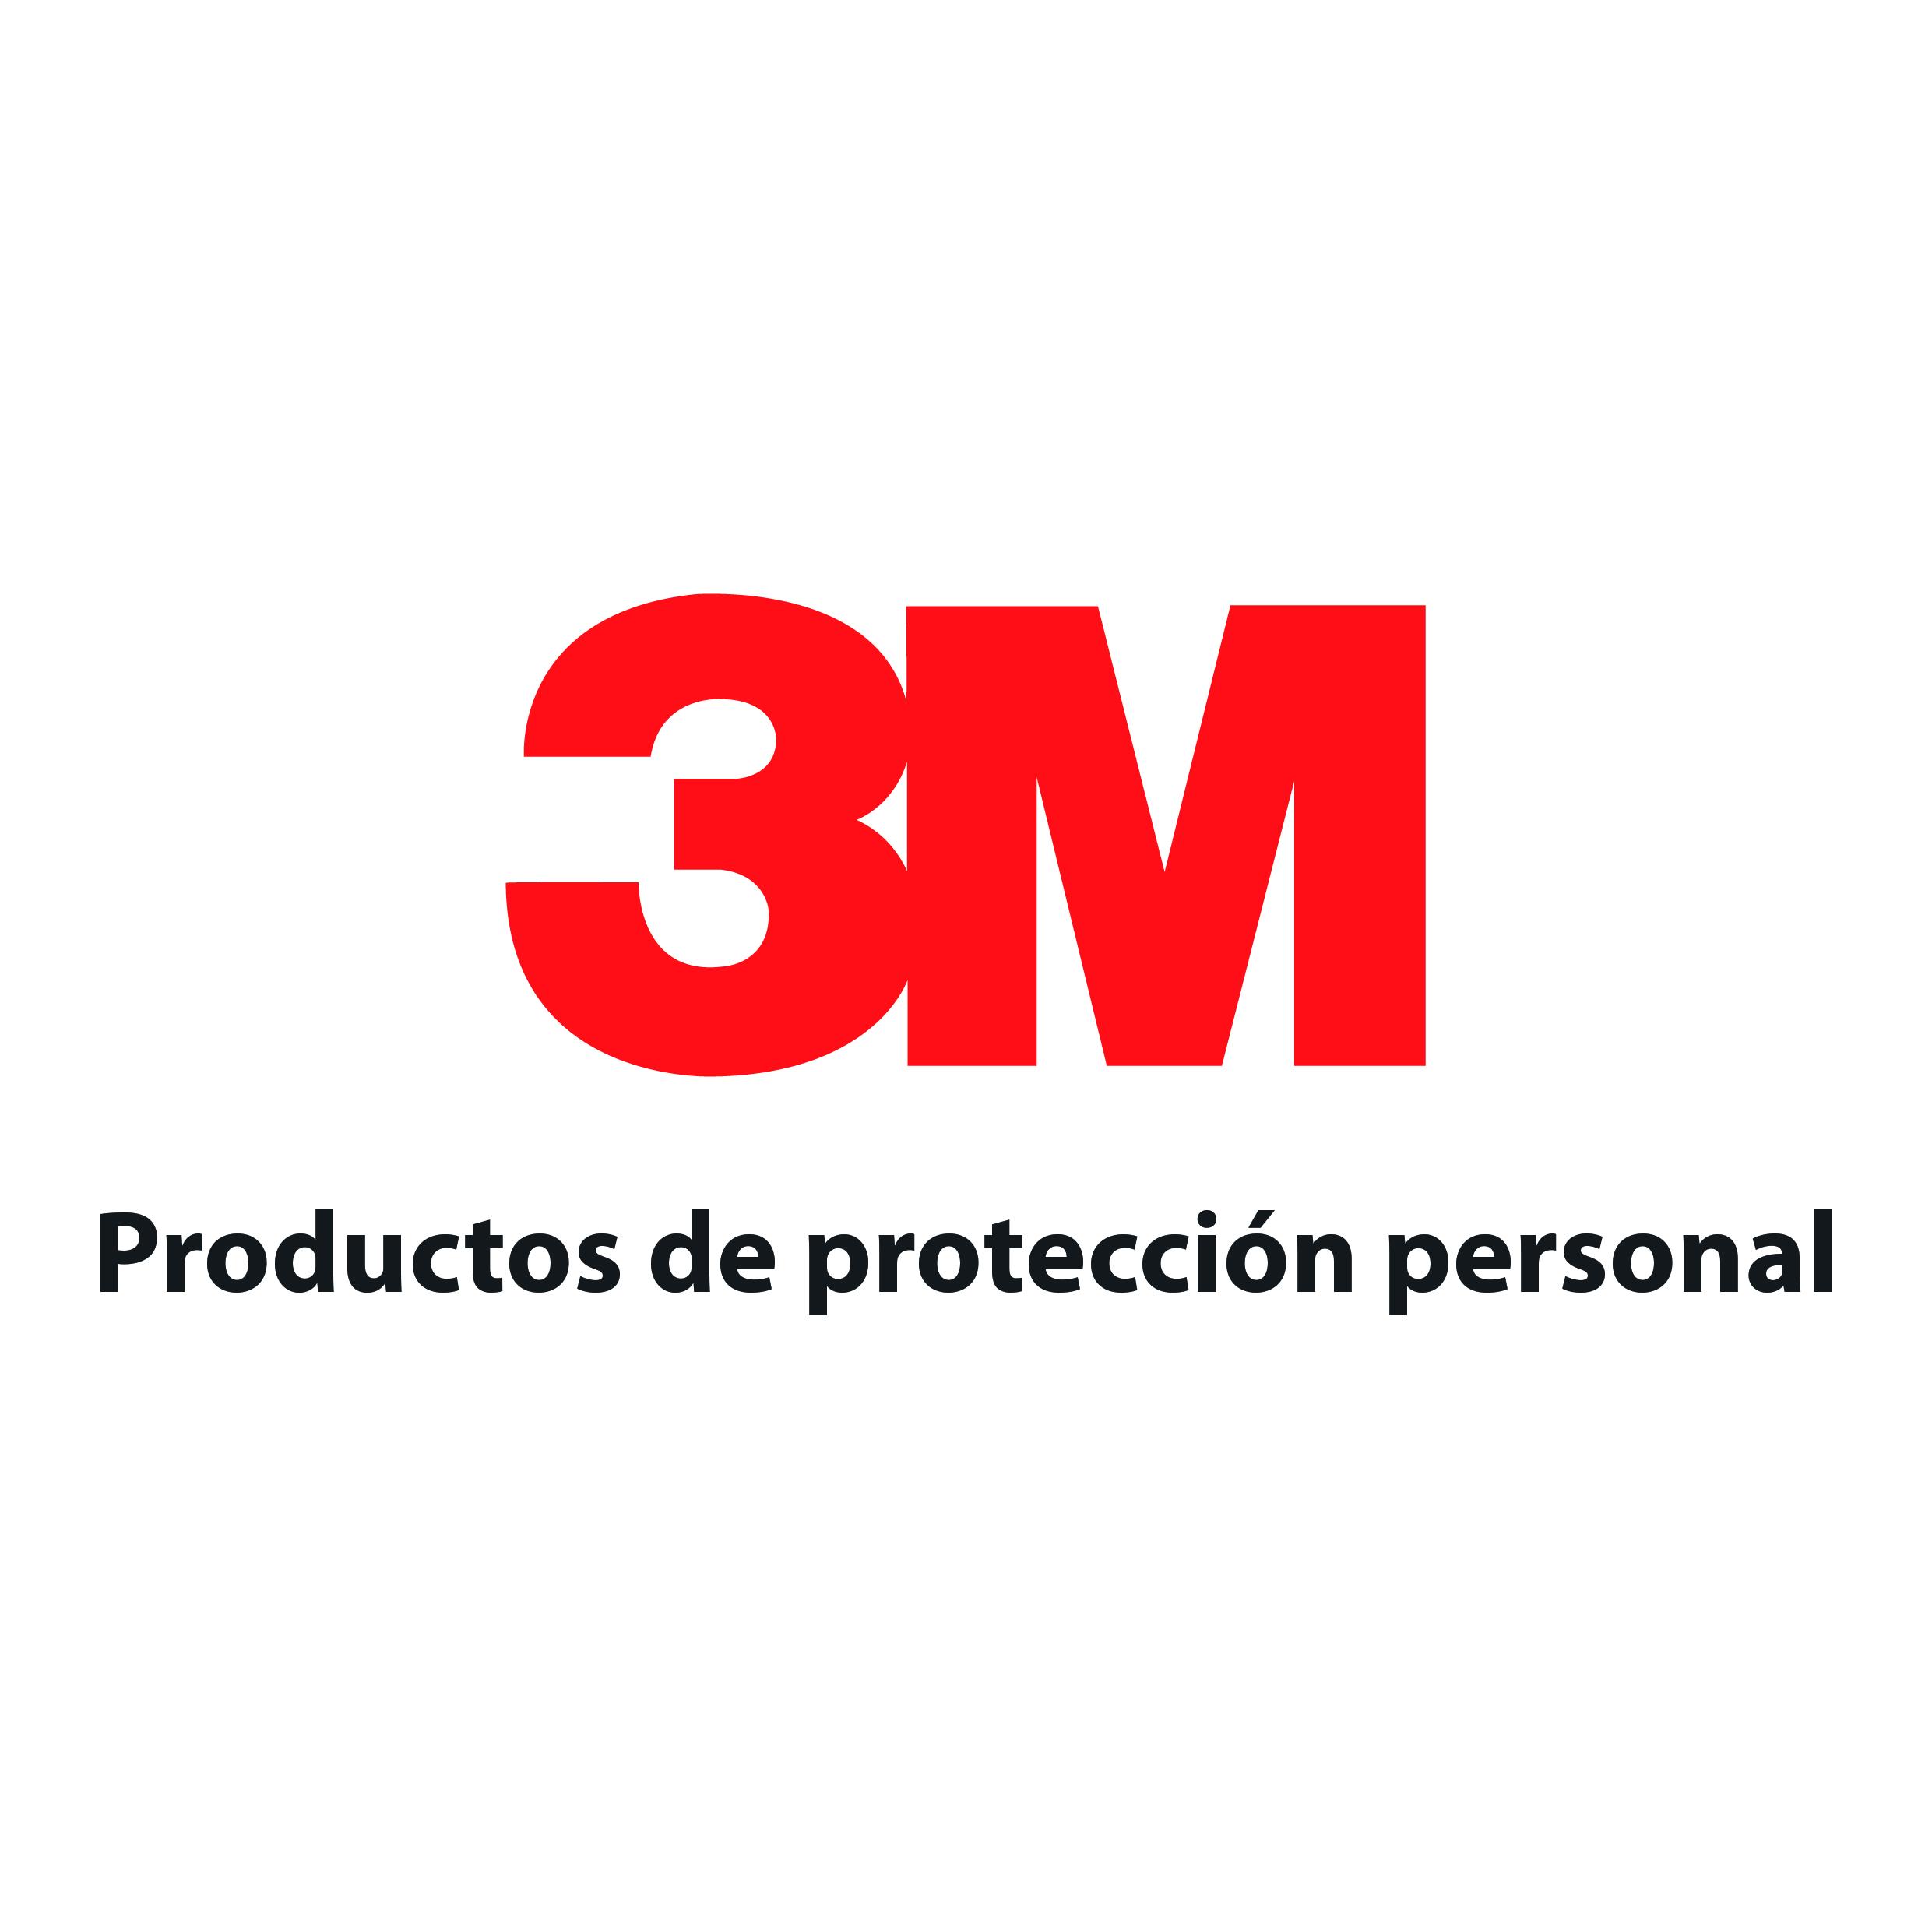 Logo 3M productos